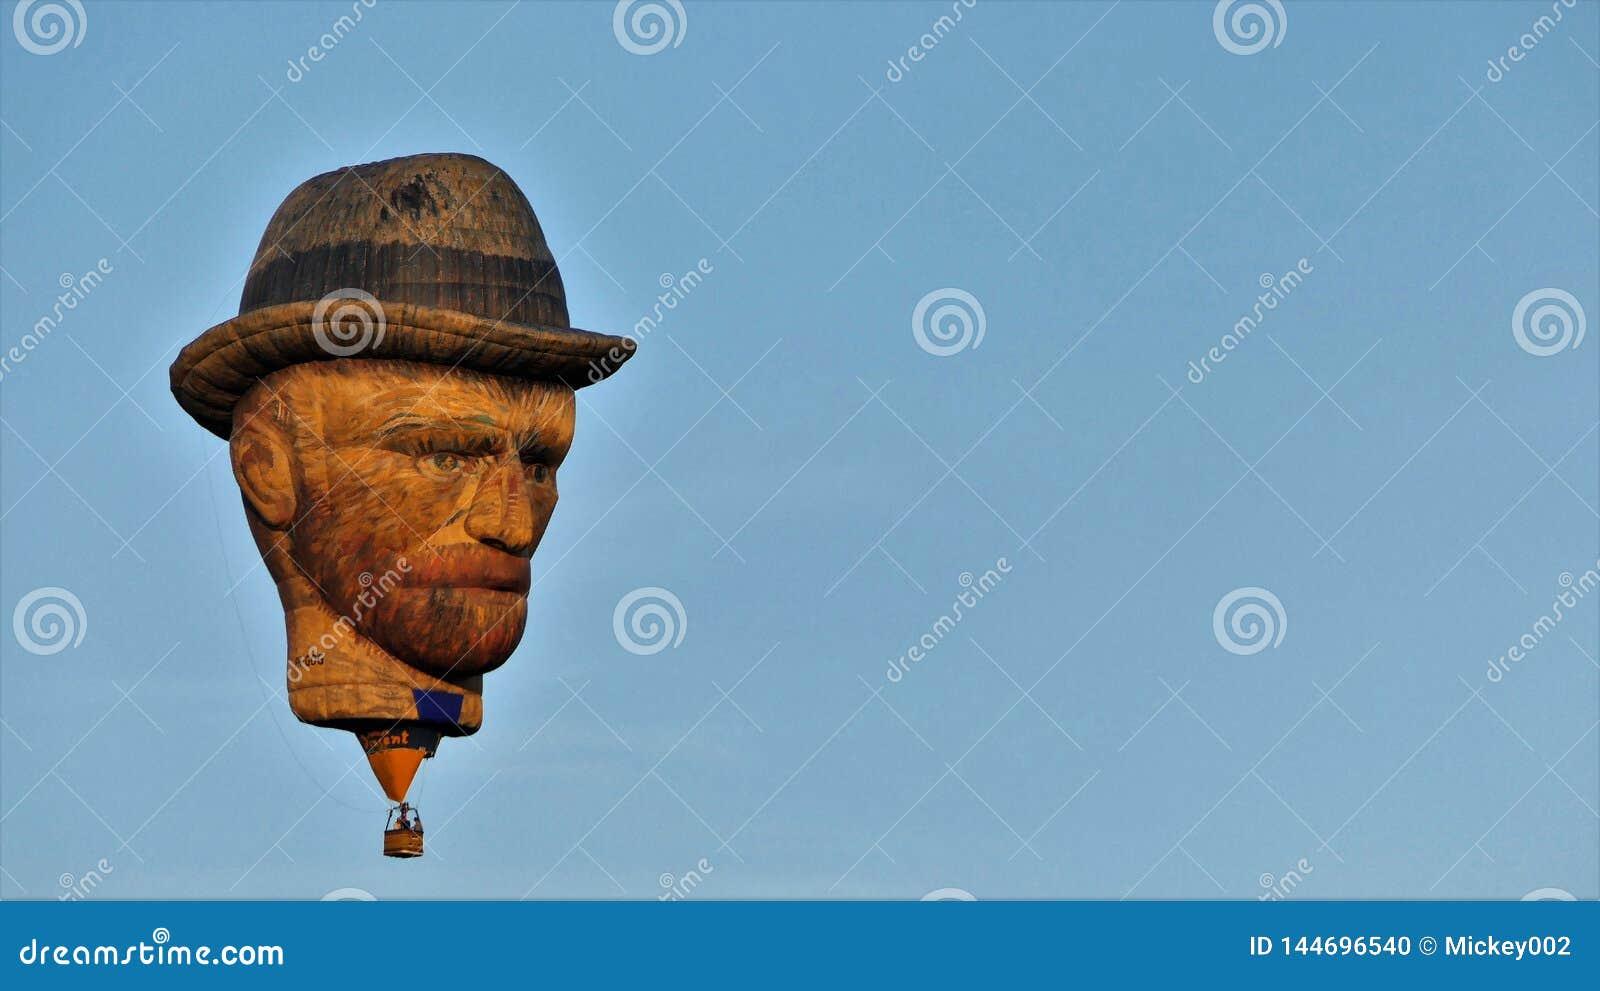 Ballon Vincent